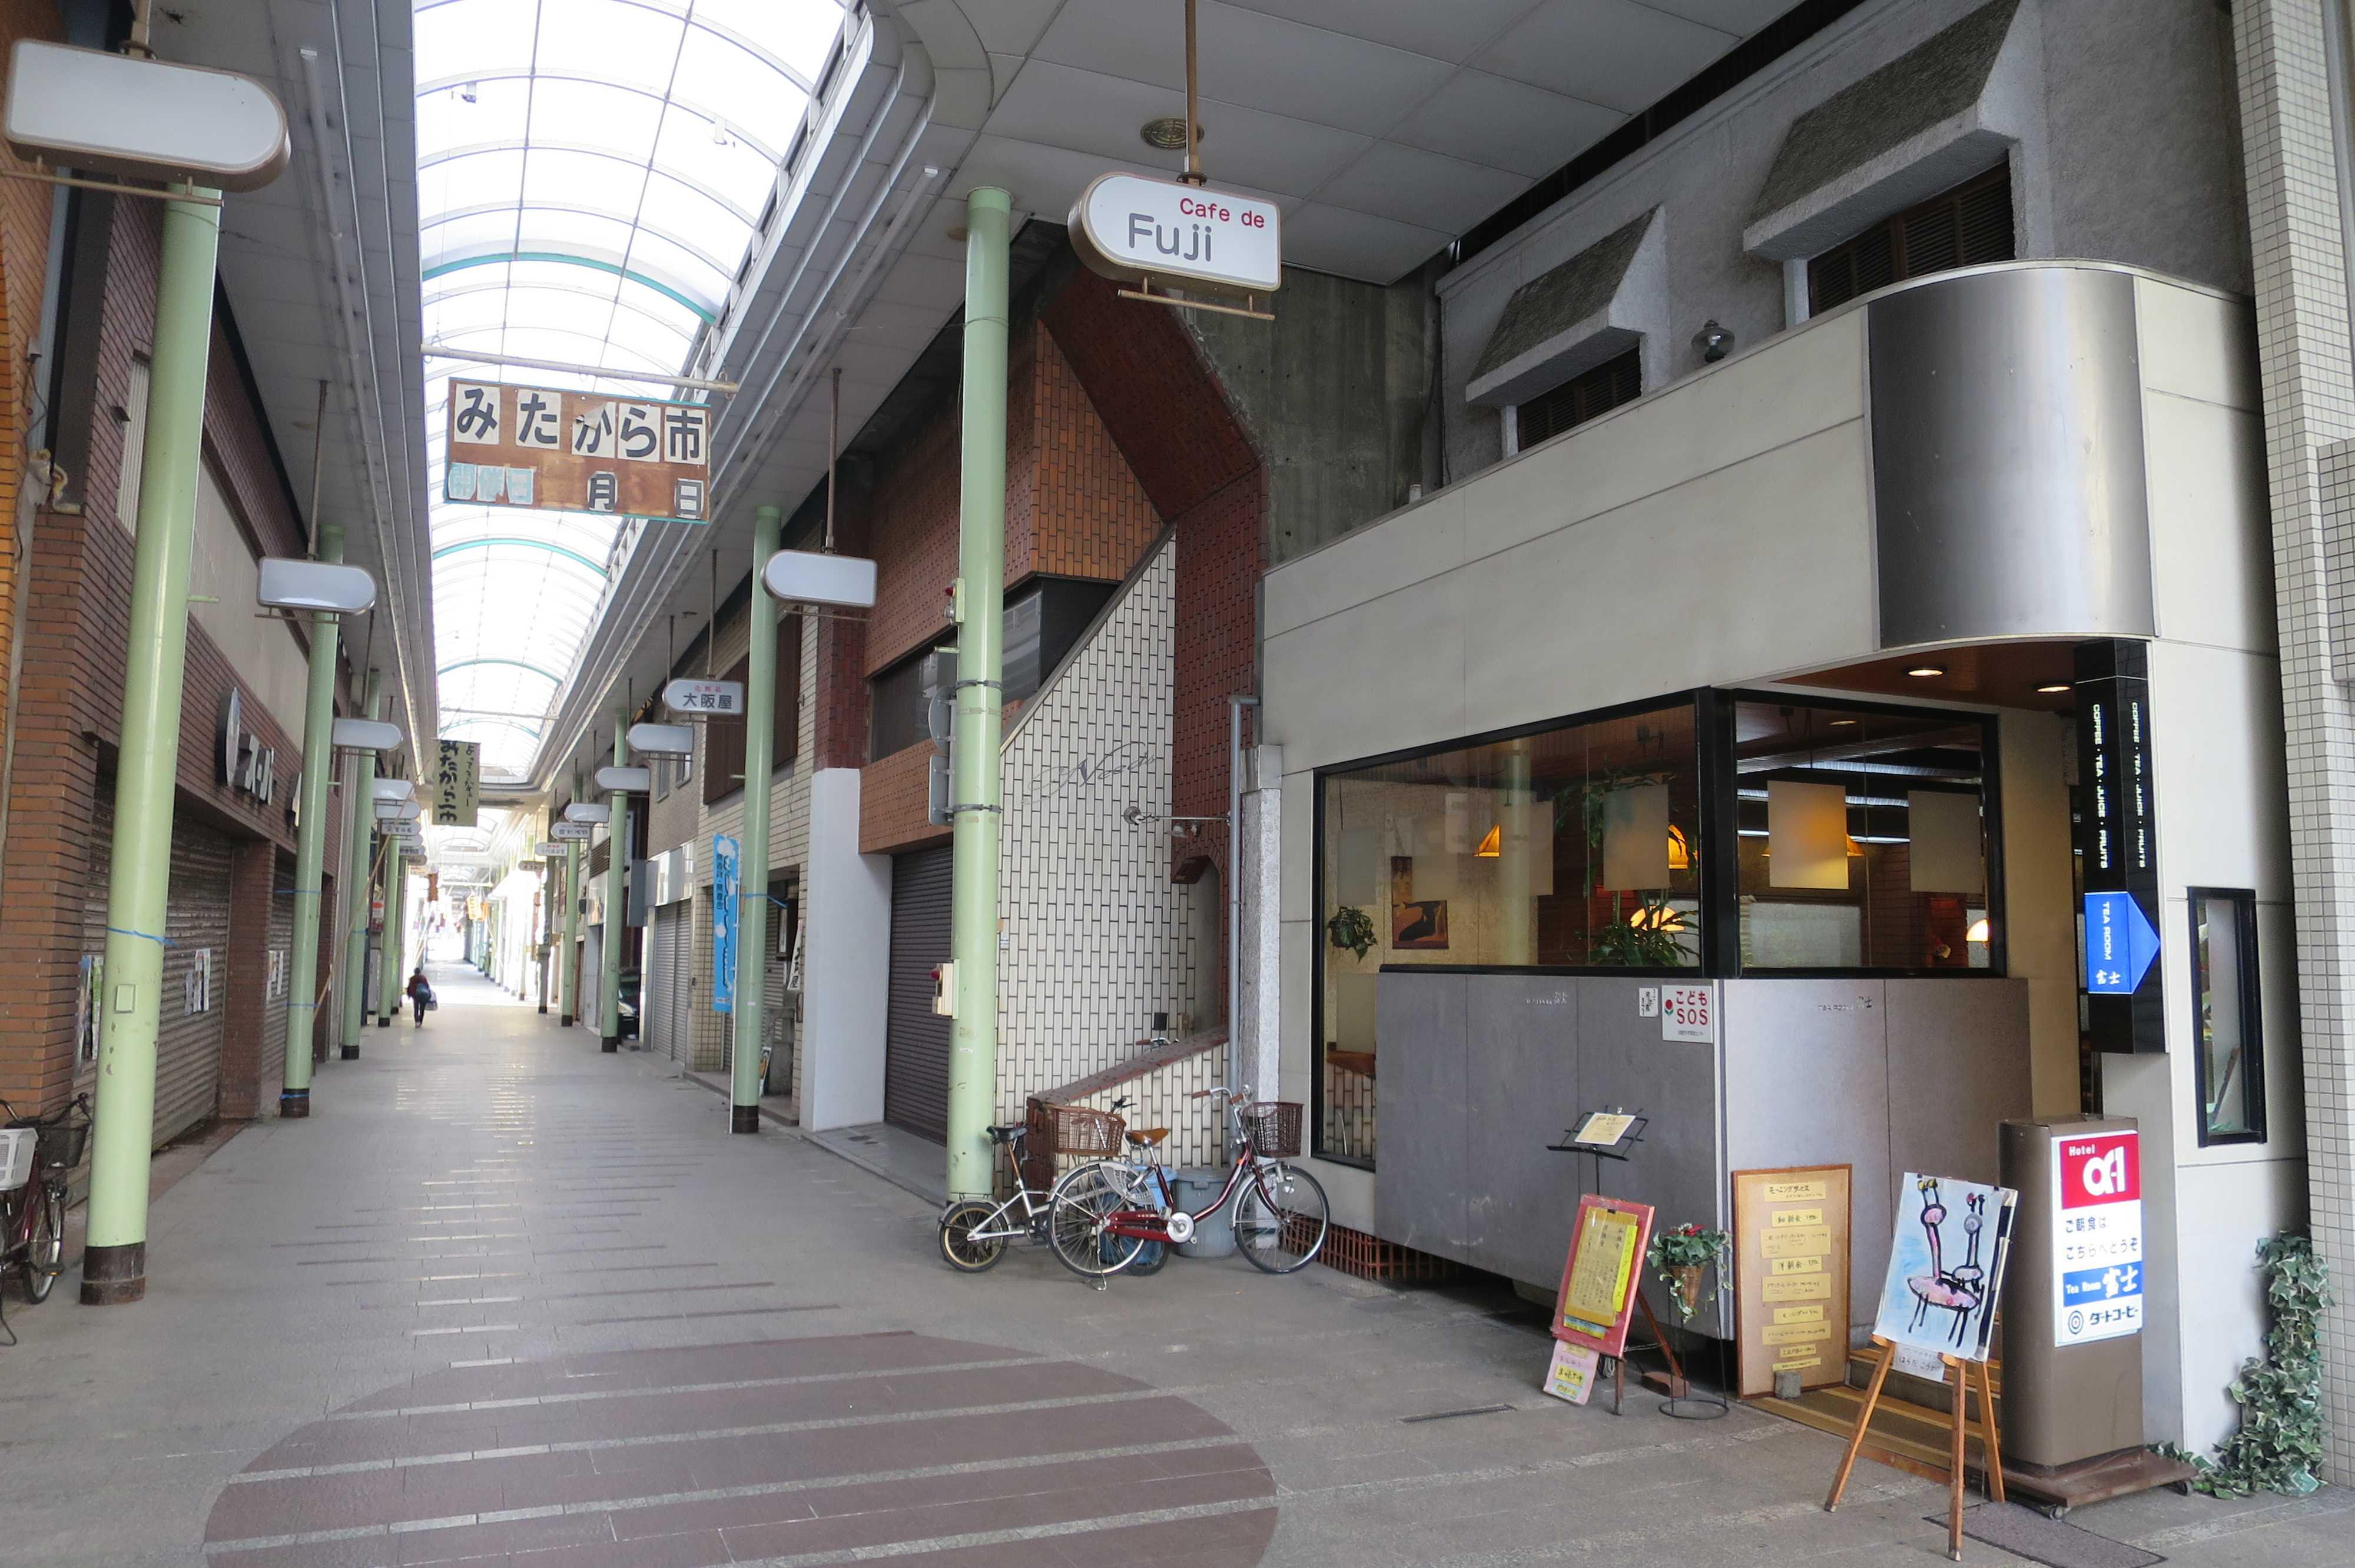 通町商店街の角のカフェ「Fuji」